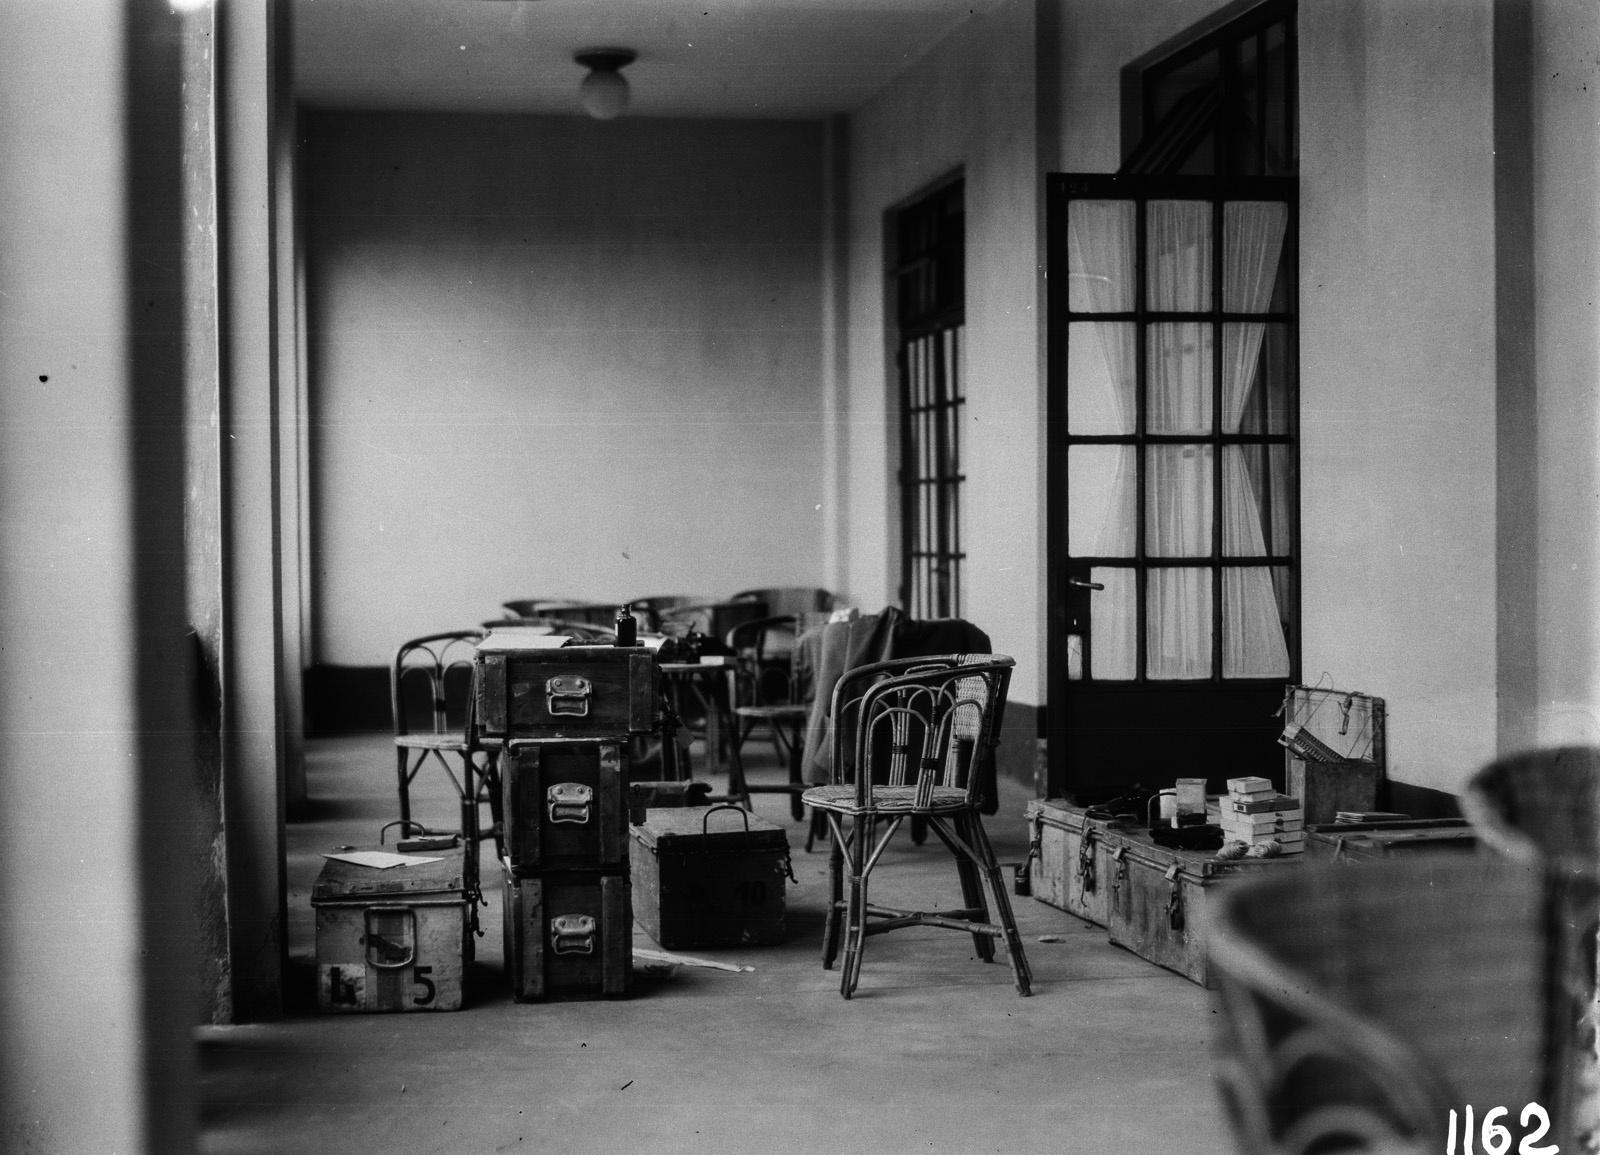 Элизабетвиль. Квартира, где остановились члены экспедиции.